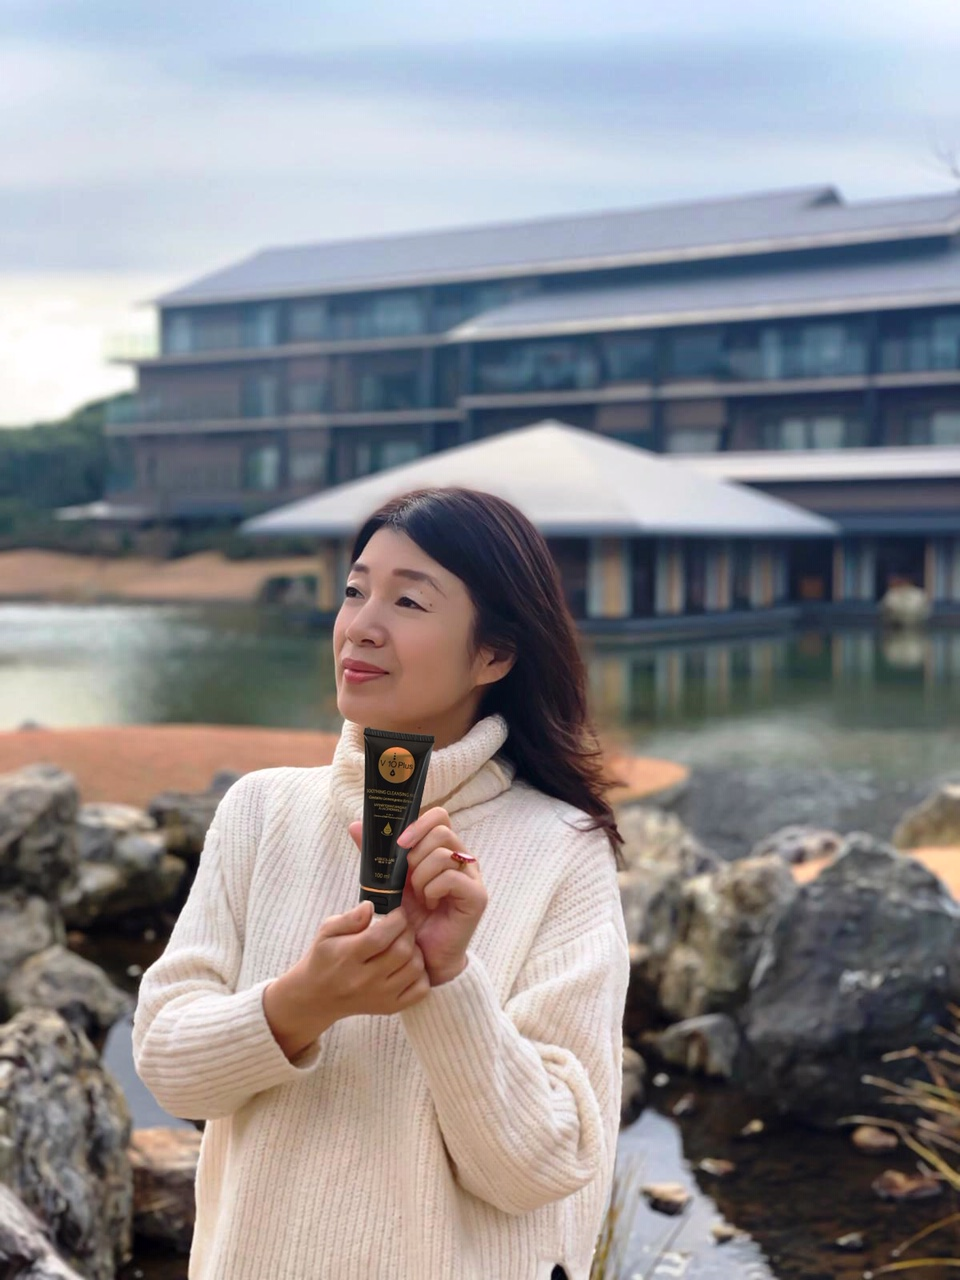 Akiko Yokota seisoo ulkona V10Plus puhdistustuote kädessään.